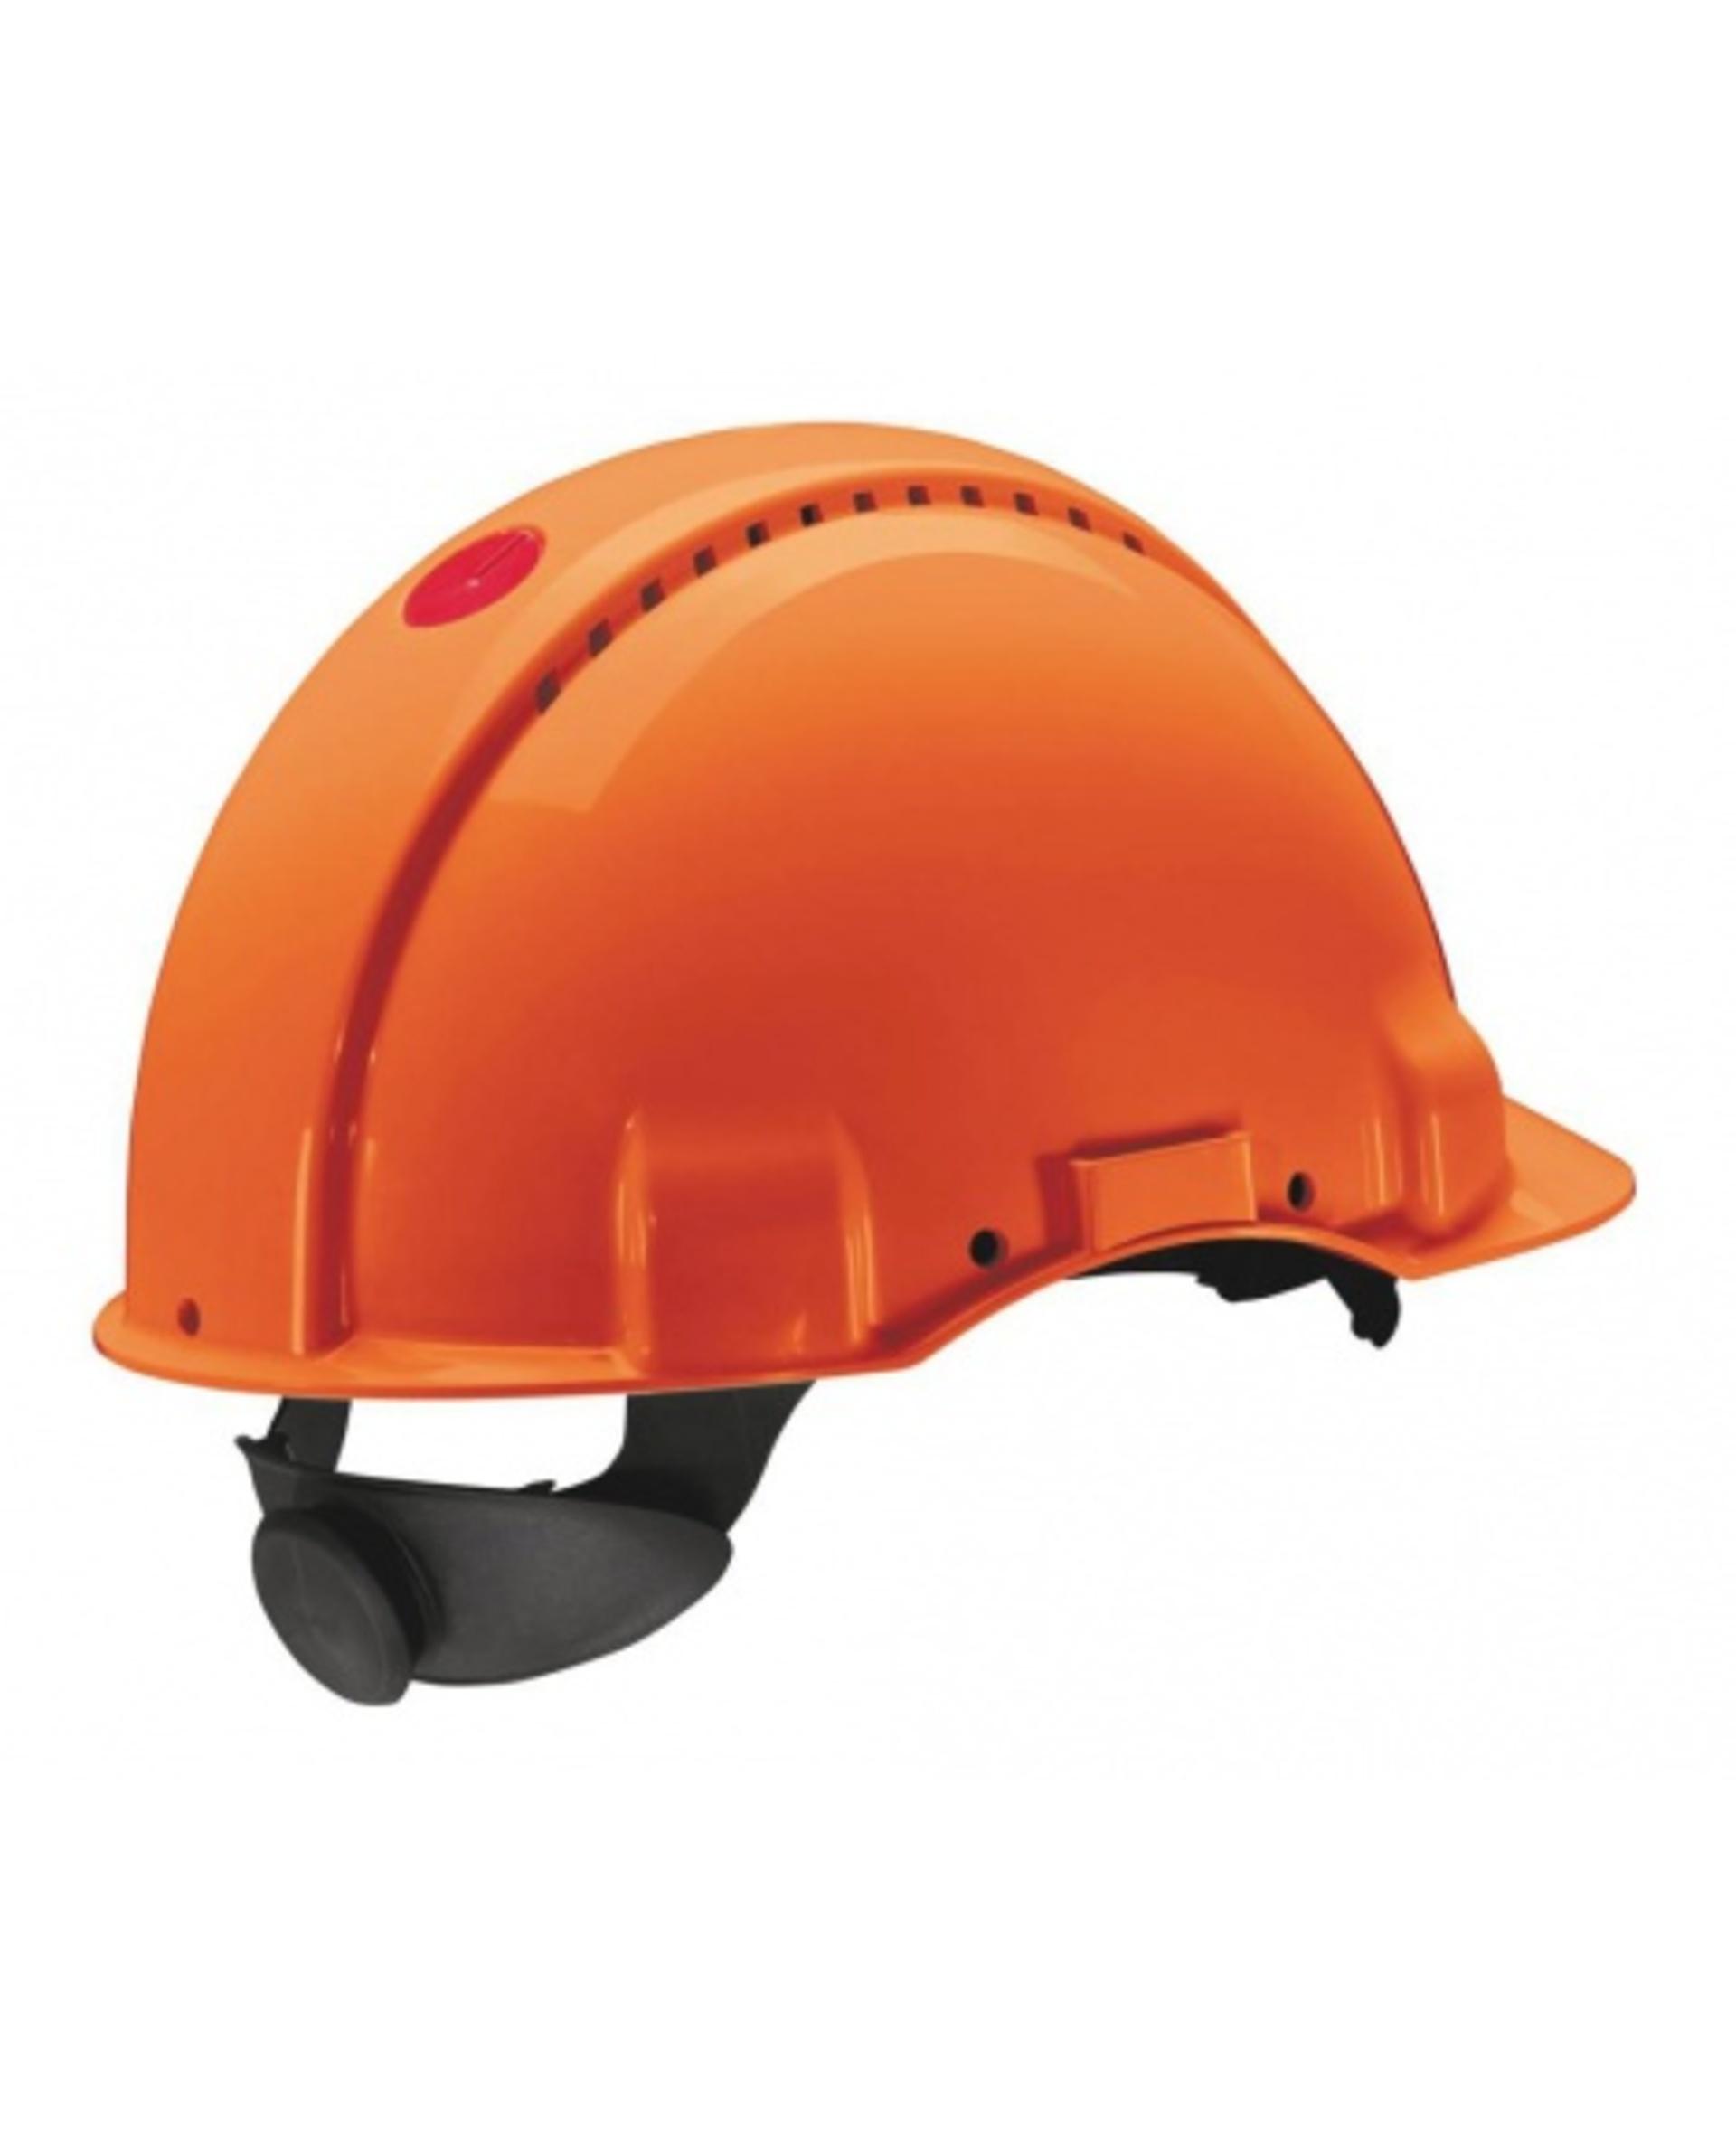 3M PELTOR G3000 Ochranná přilba oranžová